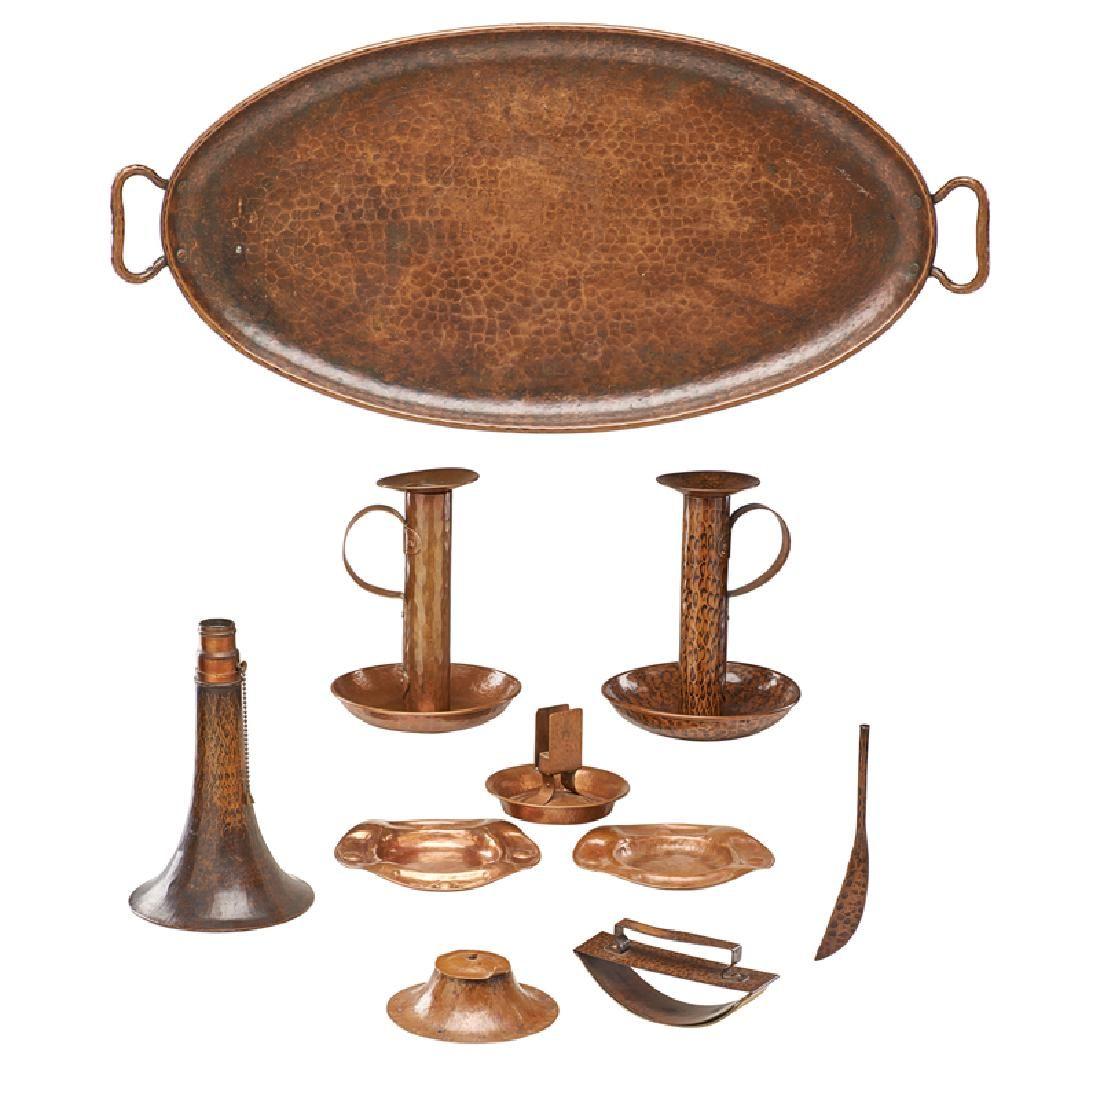 GUSTAV STICKLEY Inkwell, tray, candlesticks, etc.